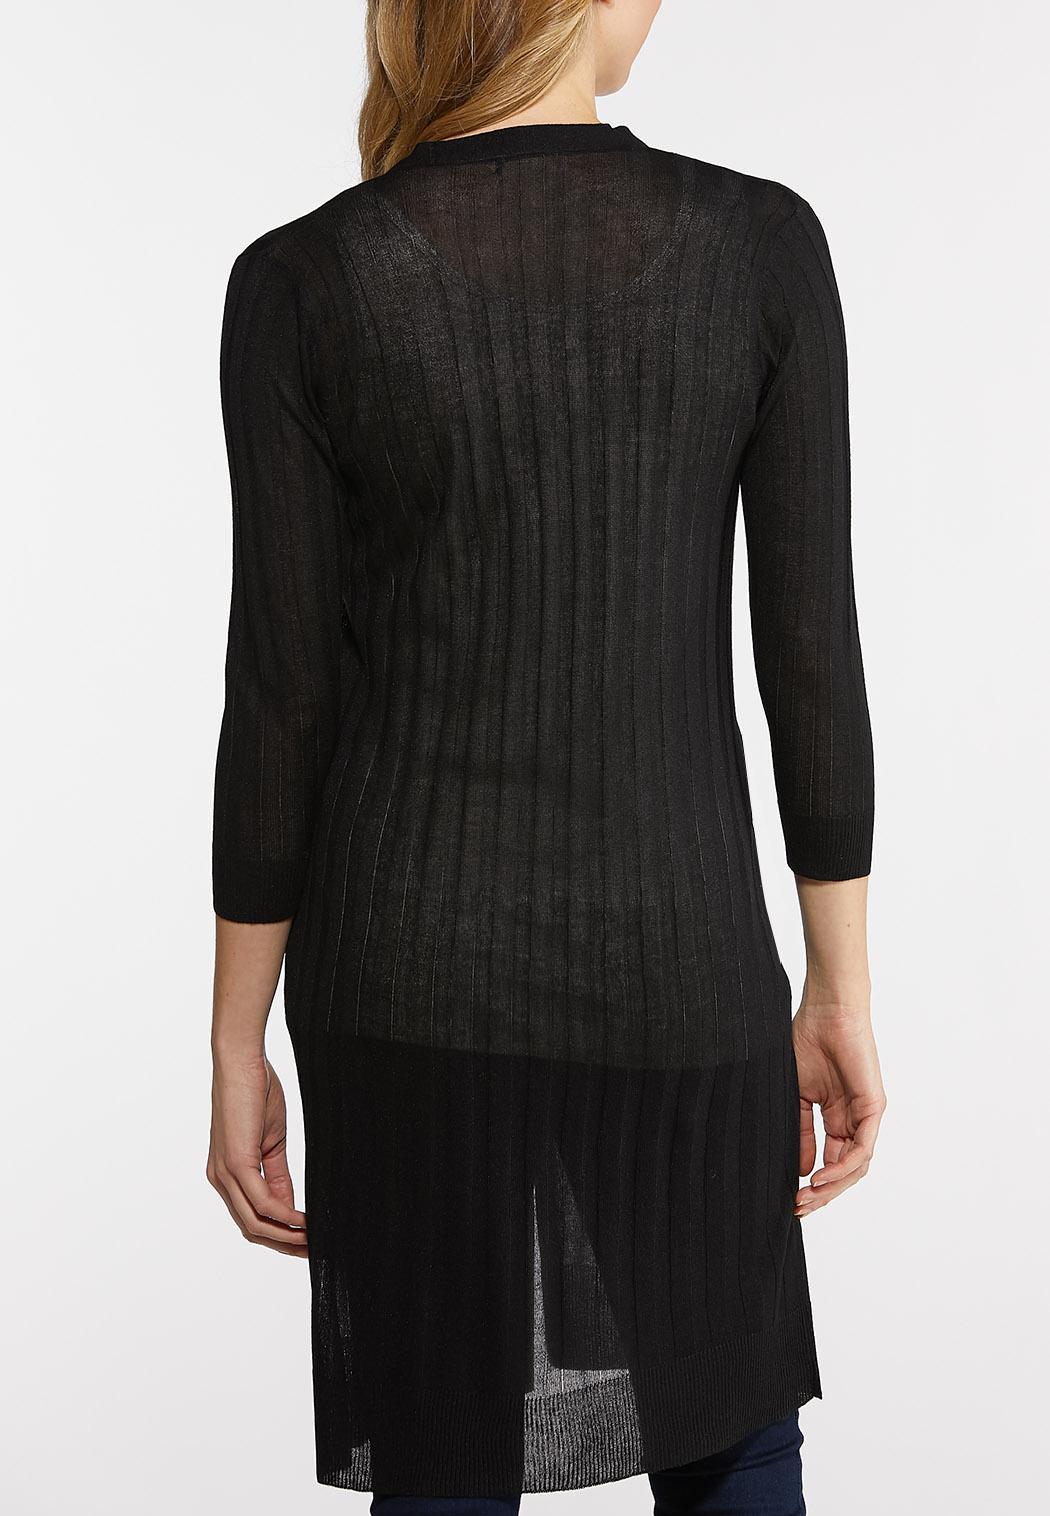 Sheer Black Cardigan Sweater (Item #44109427)